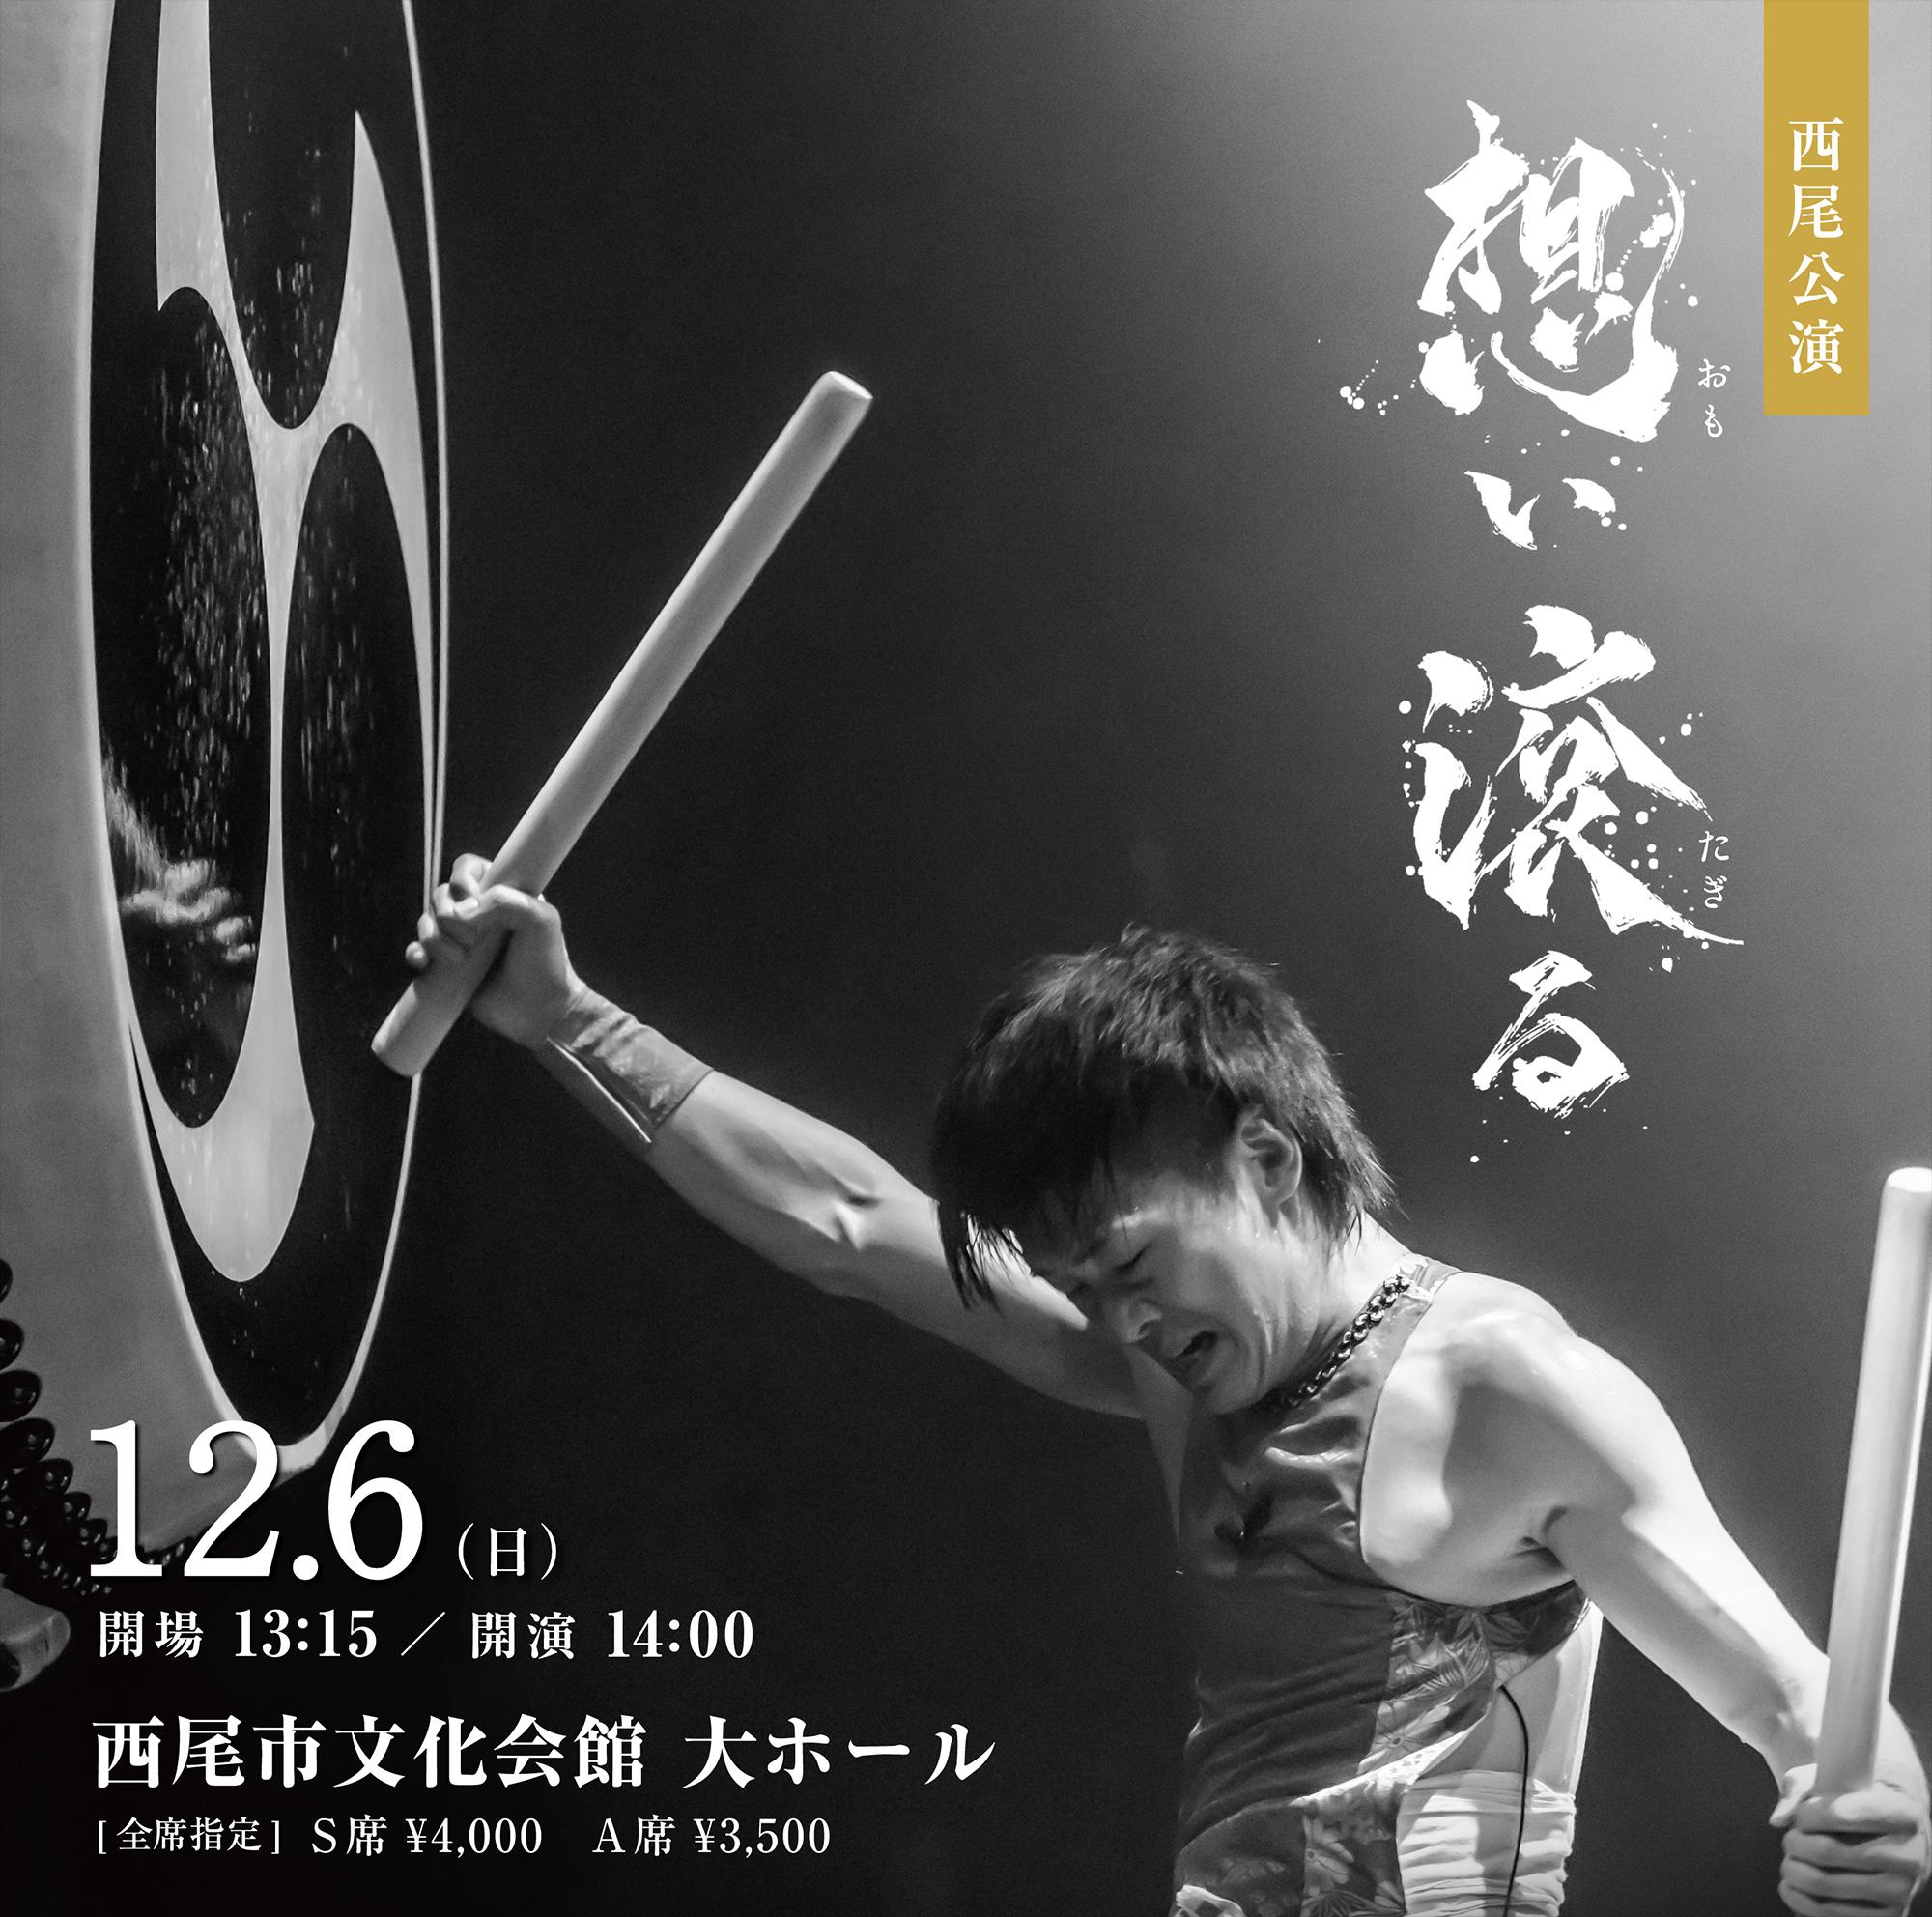 和楽総合芸術集団 山田純平×熱響打楽